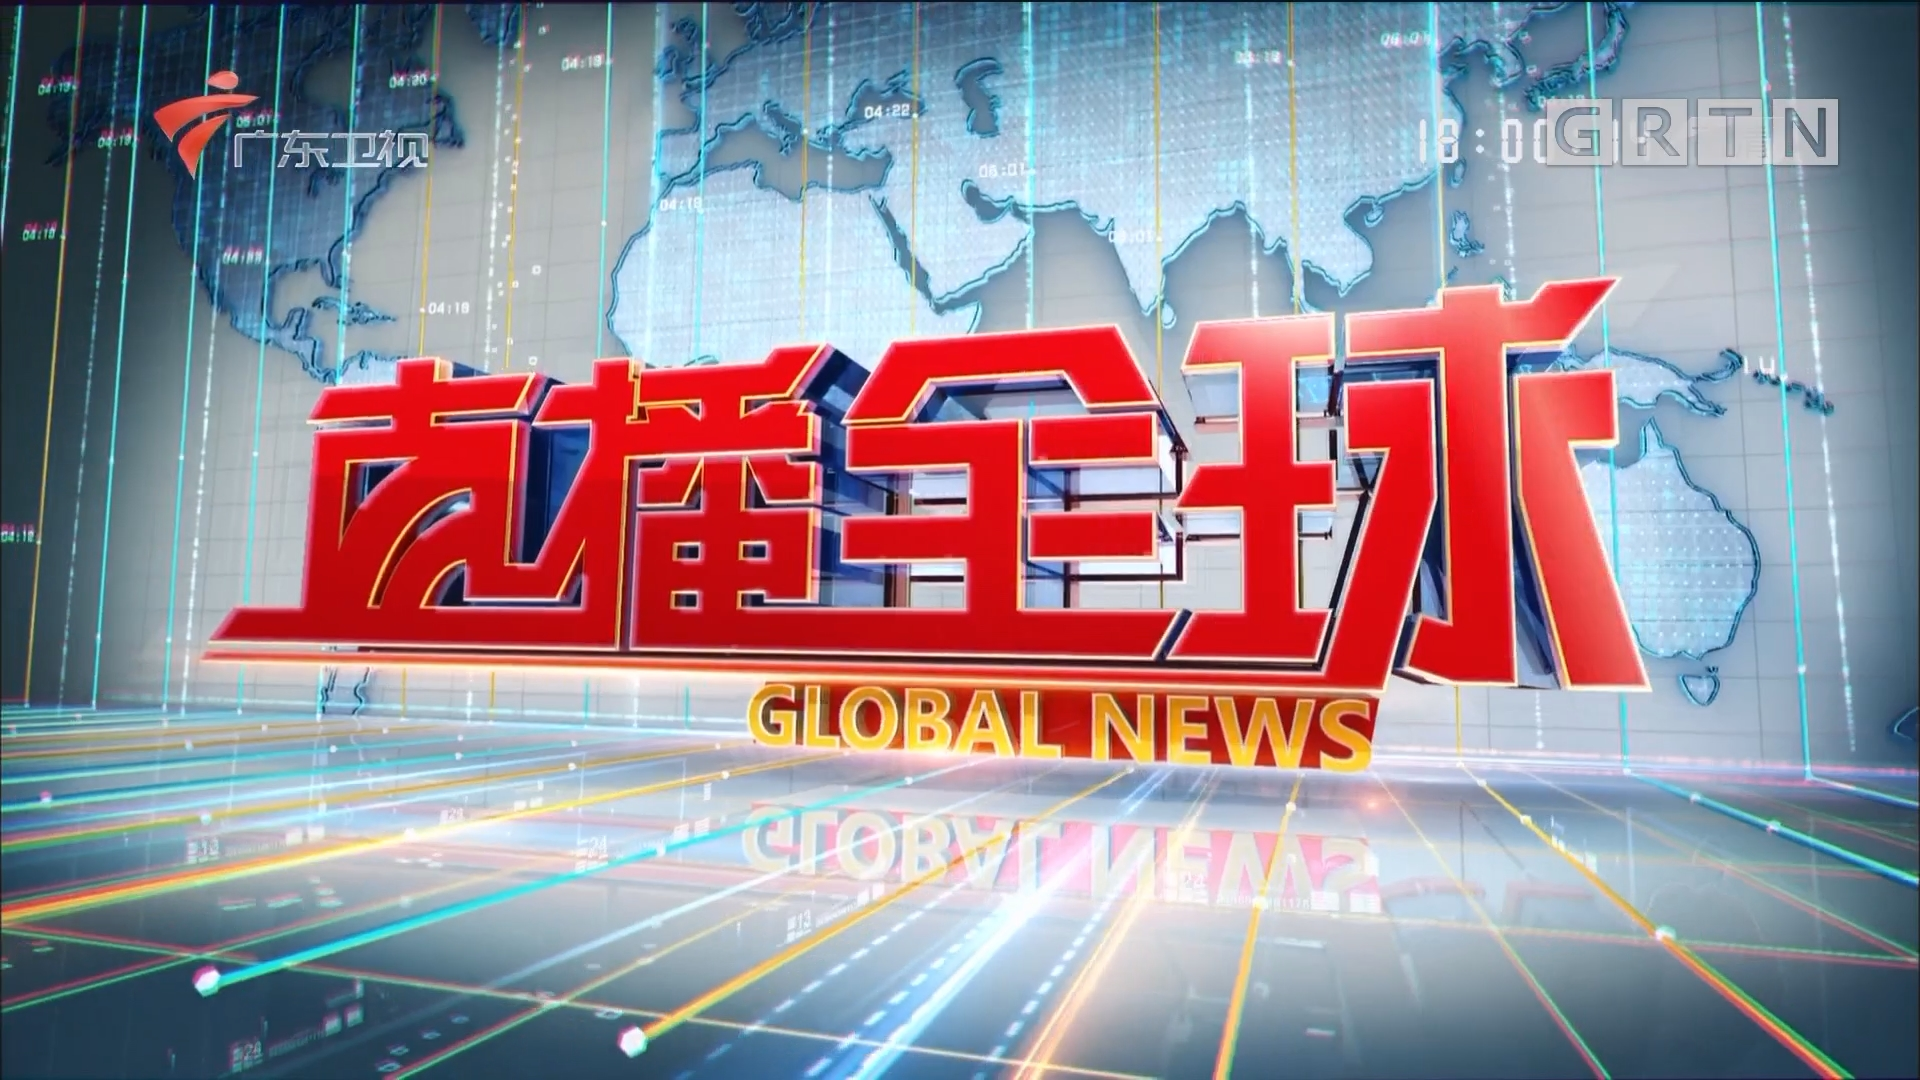 [HD][2018-03-14]直播全球:国务卿易人 特朗普炒掉蒂勒森 特朗普:两人观点不一致